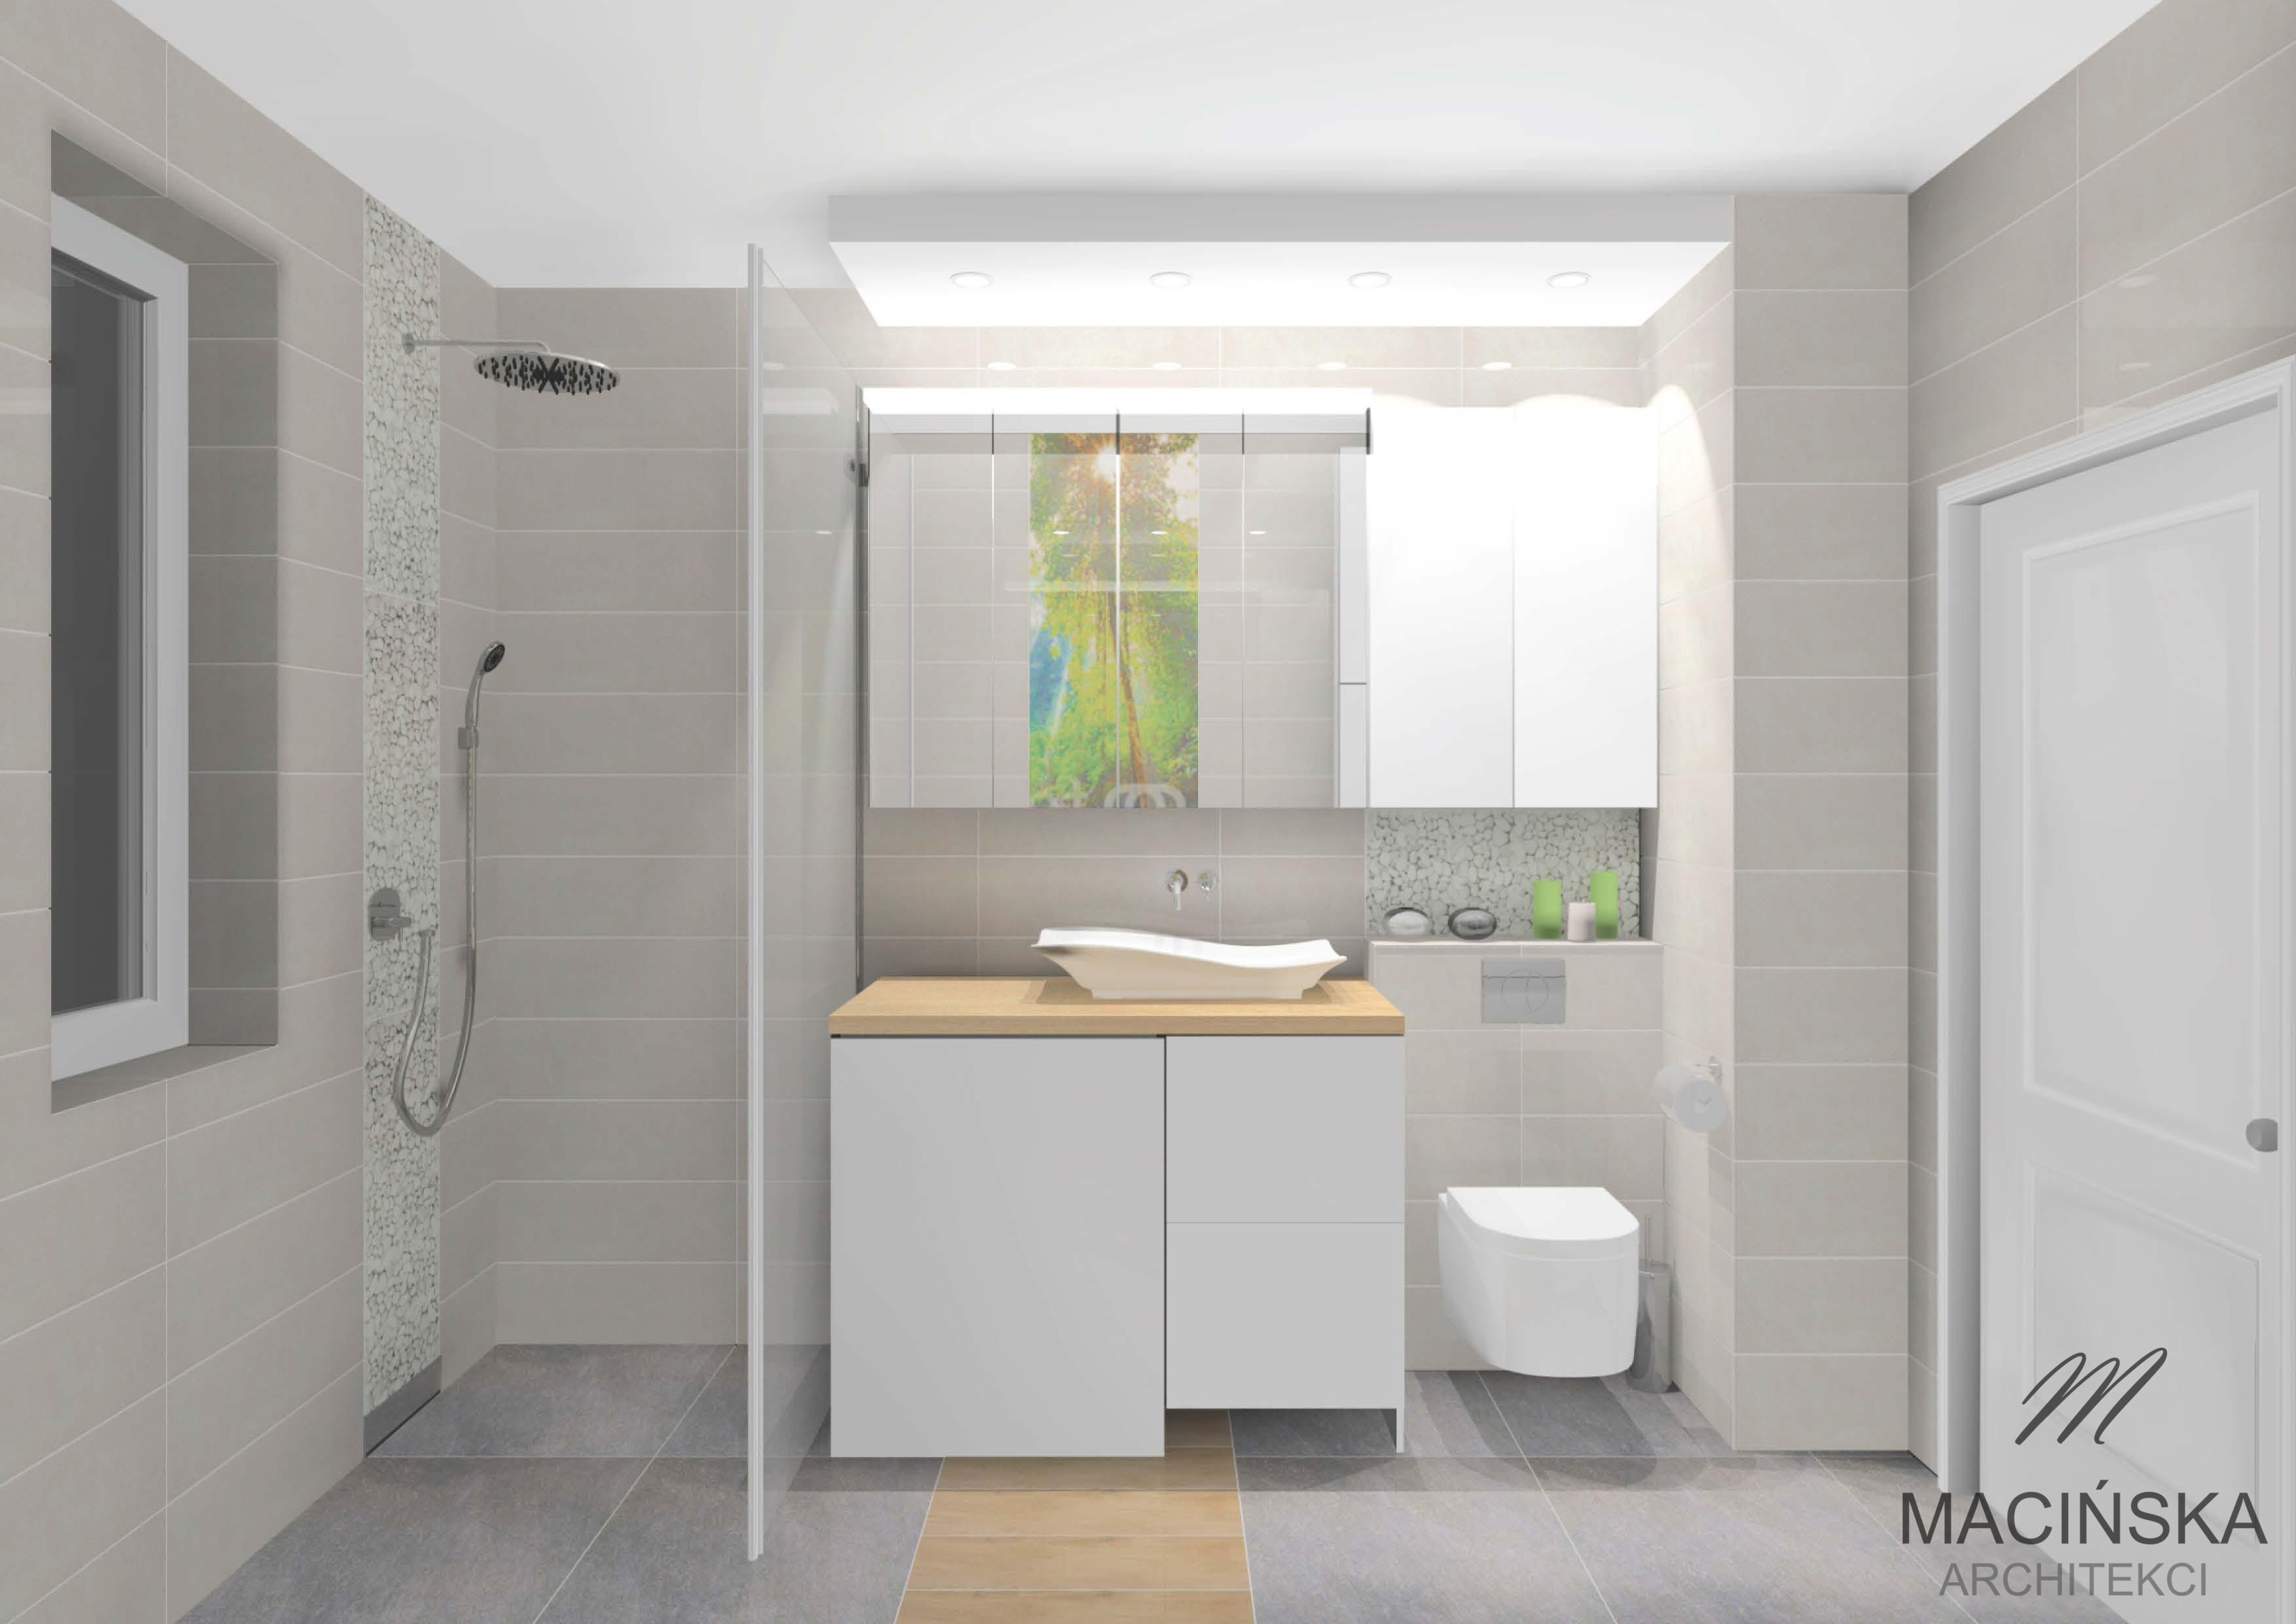 Jak Urządzić Małą łazienkę W Bloku Macińska Architekci